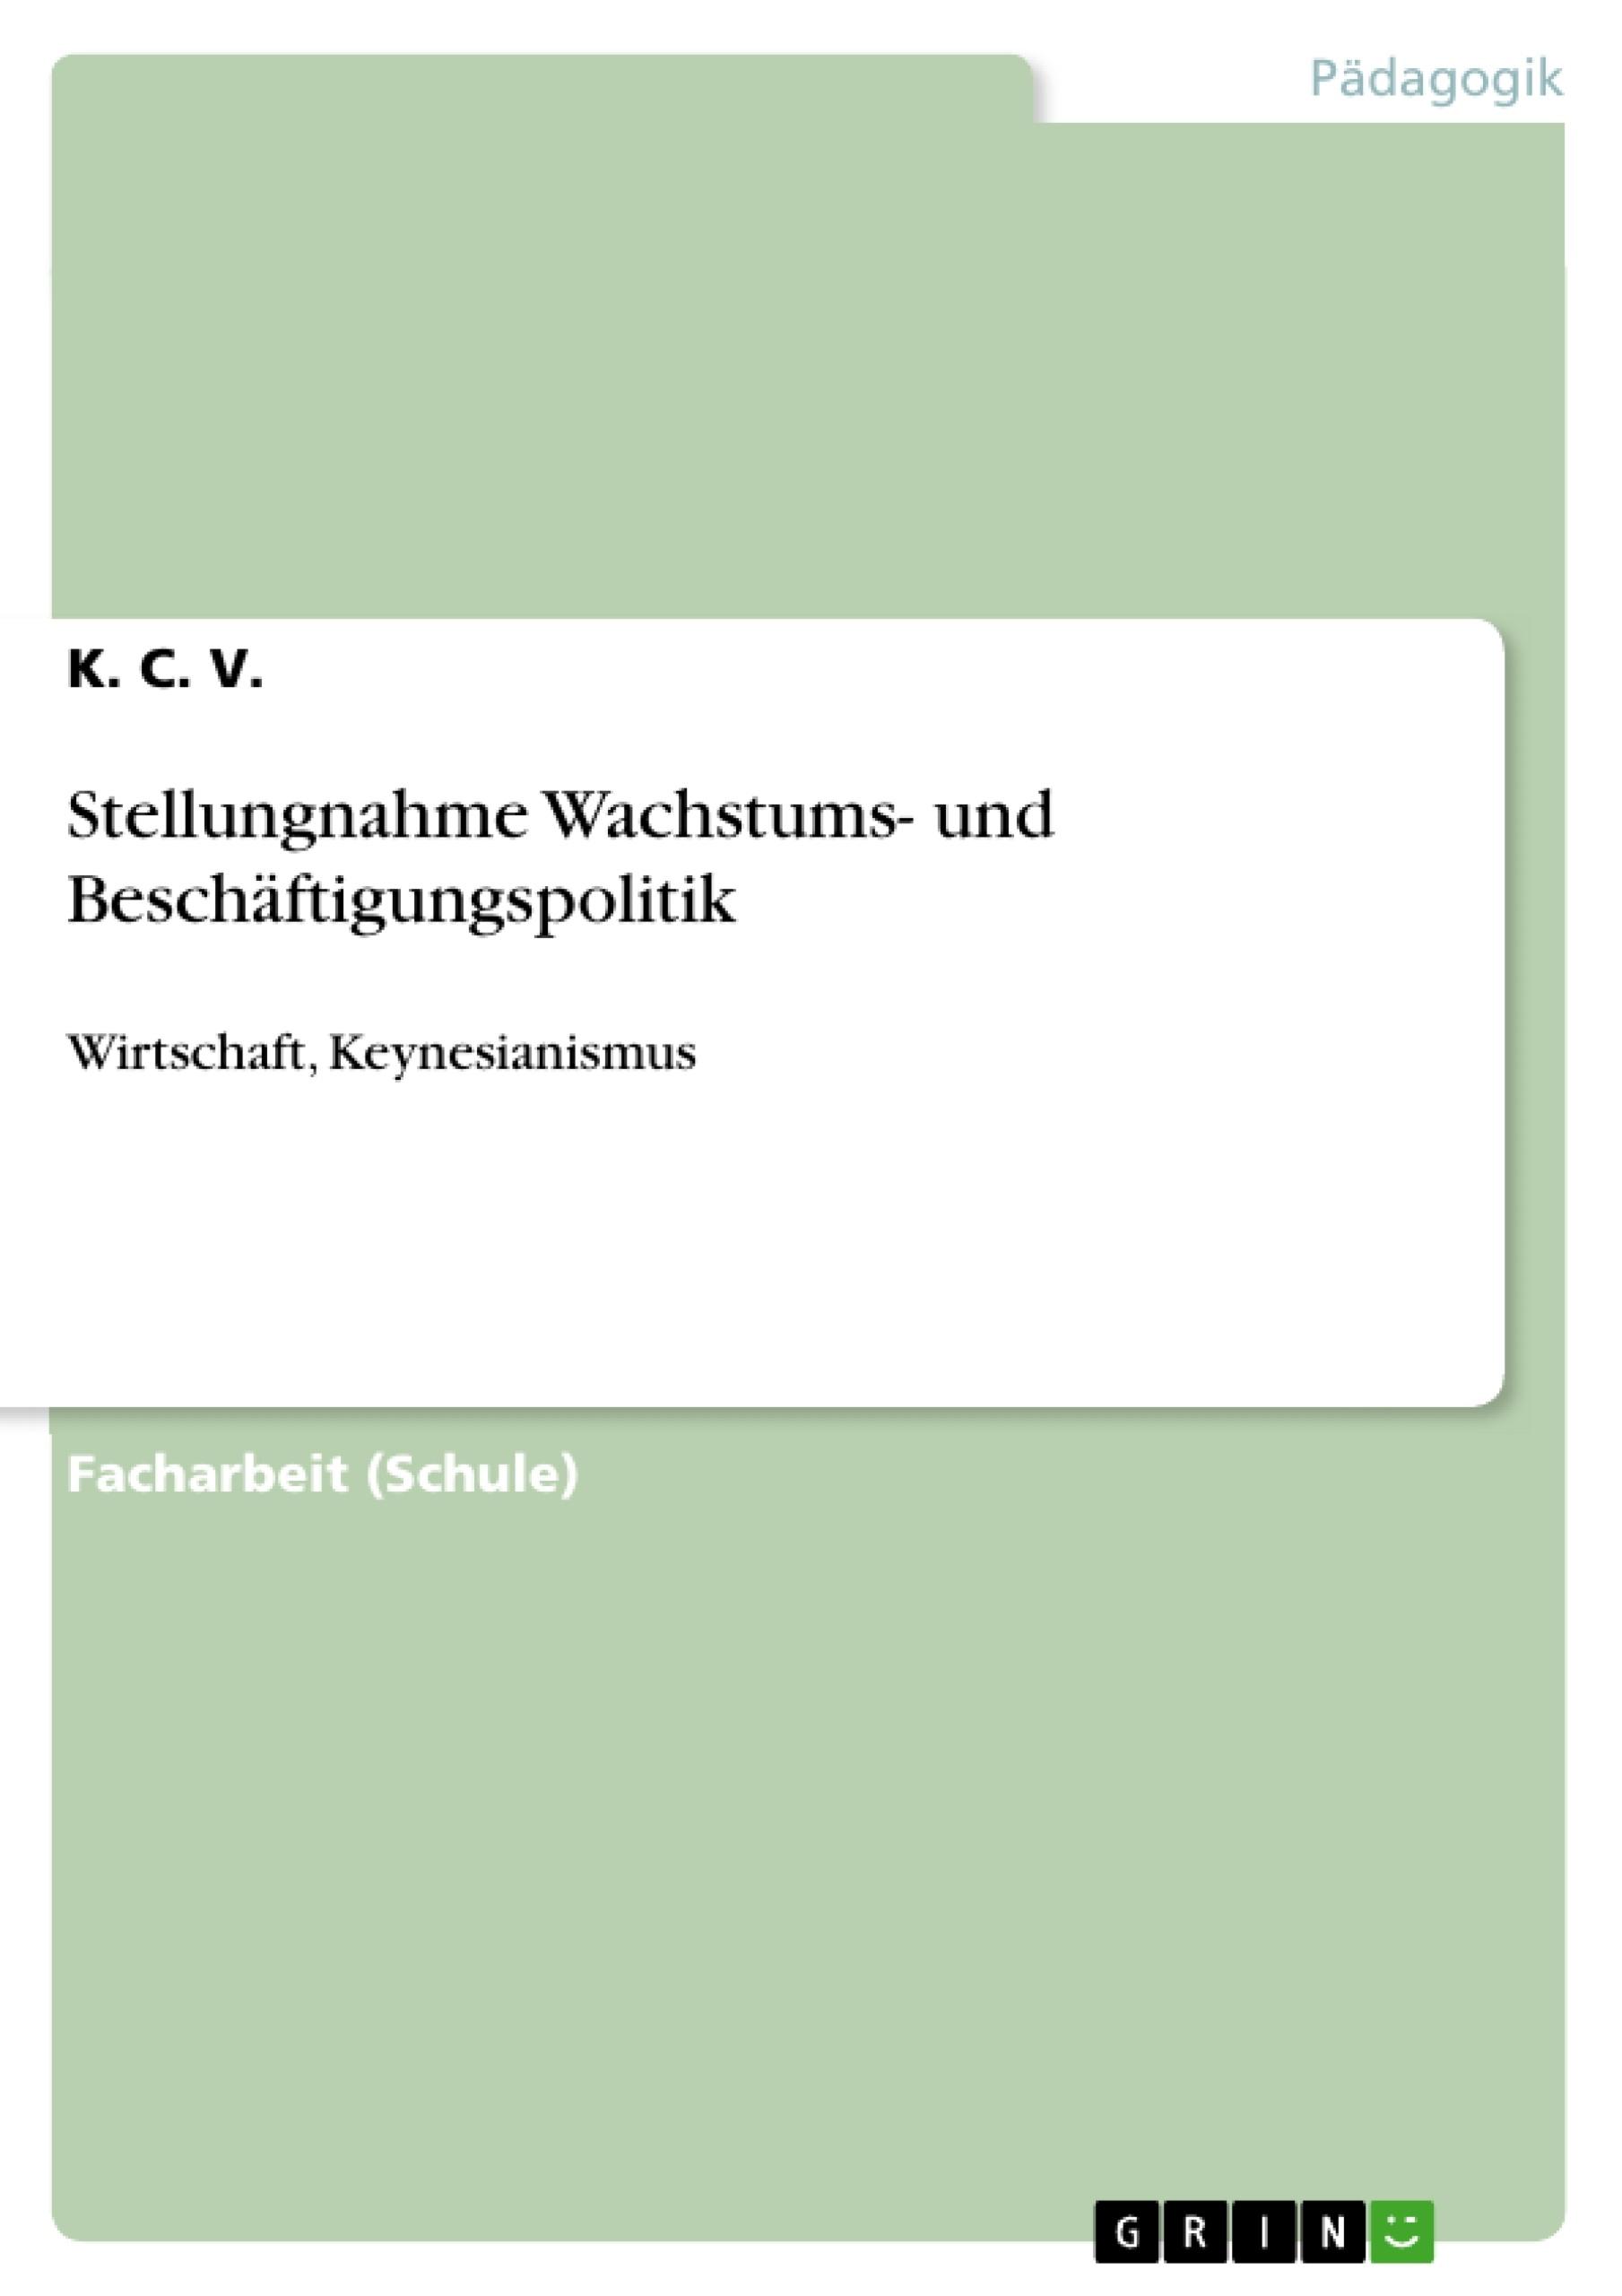 Titel: Stellungnahme Wachstums- und Beschäftigungspolitik